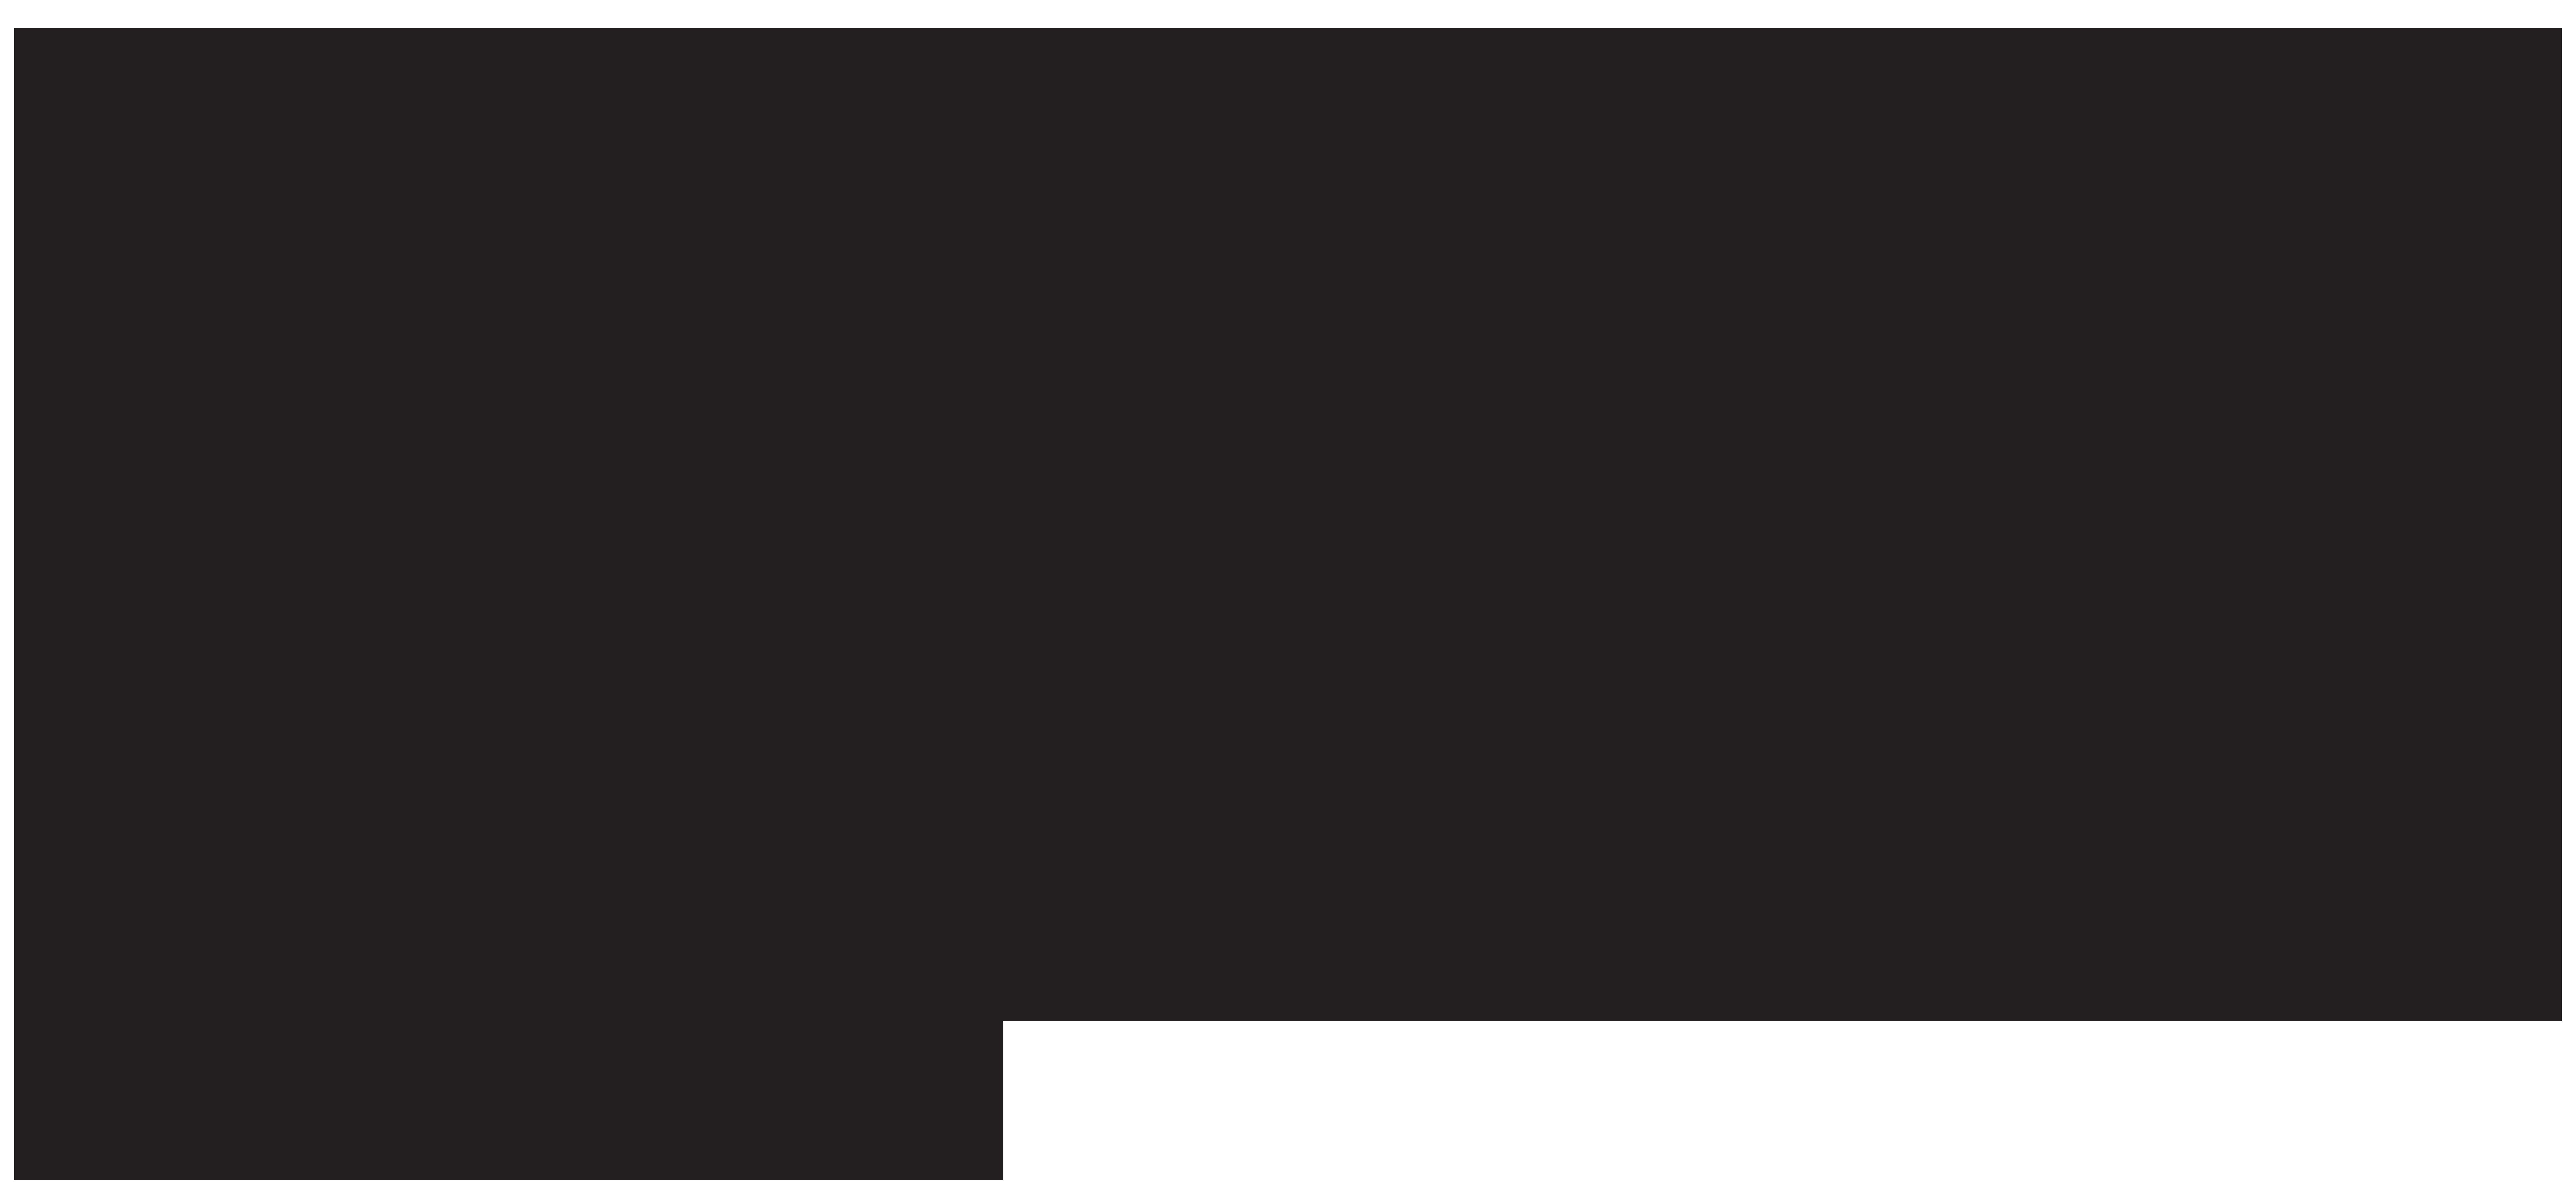 Beard clip art png. Mustache clipart tree